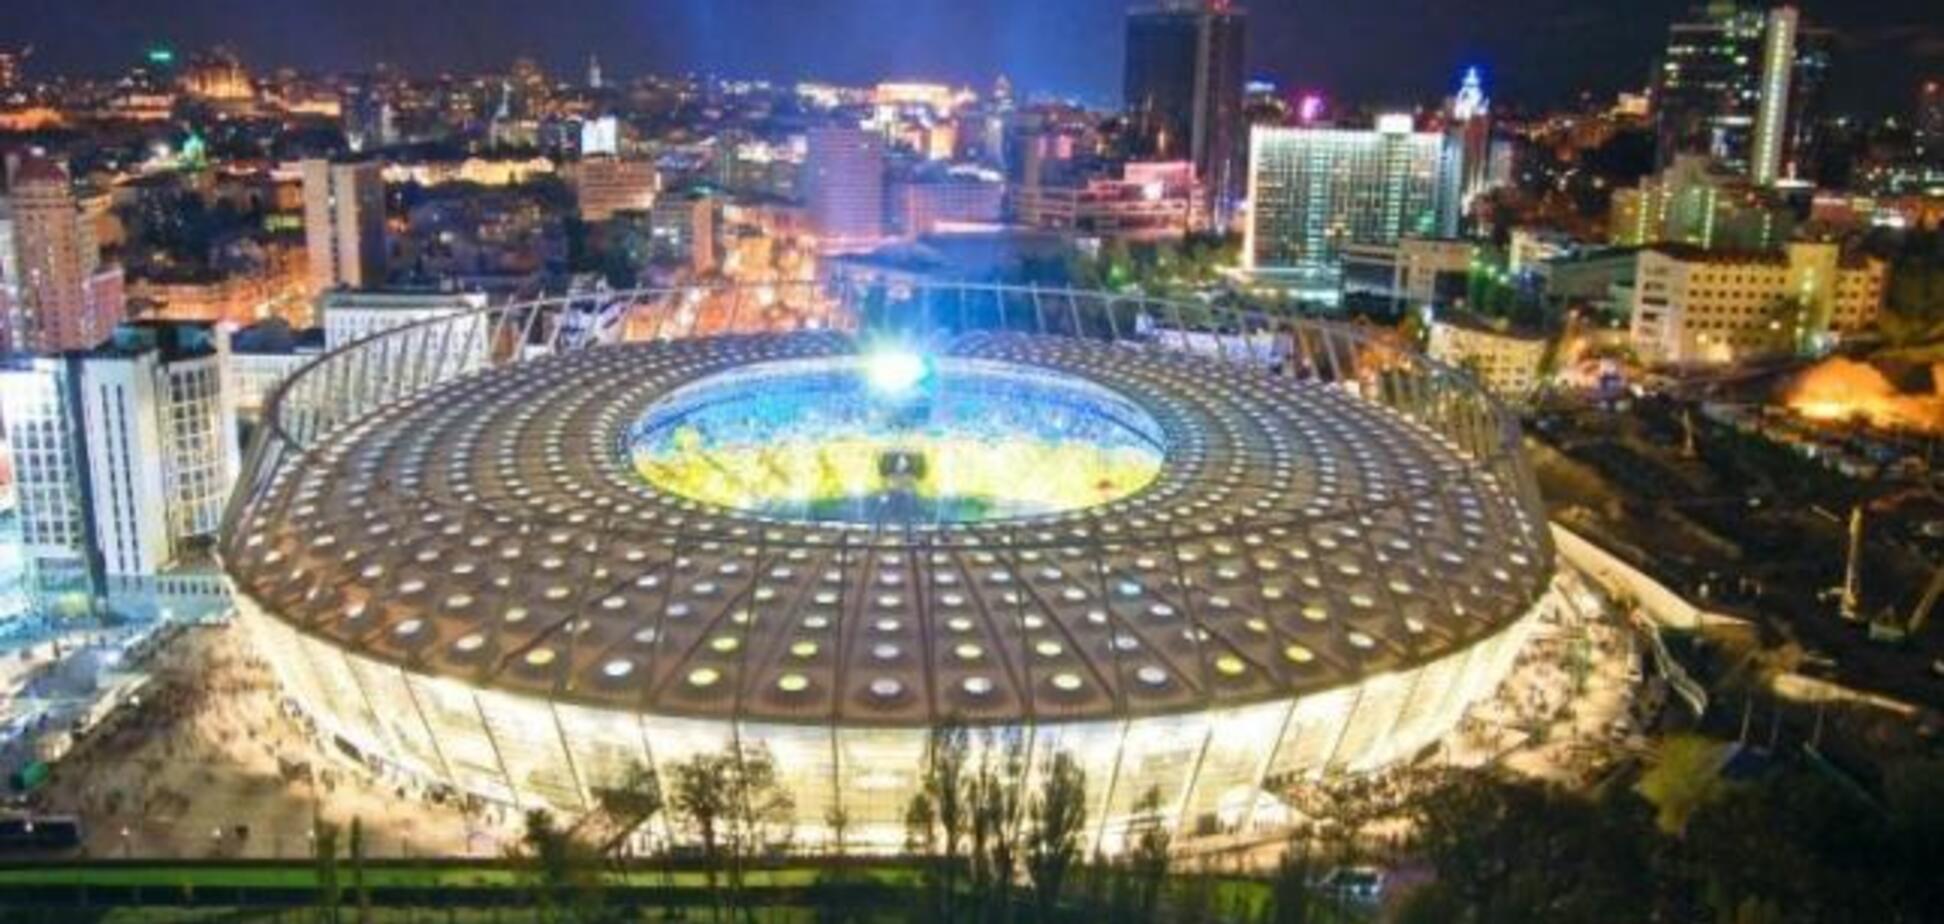 Заоблачные цены под финал Лиги чемпионов: жадным арендодателям сделали предупреждение